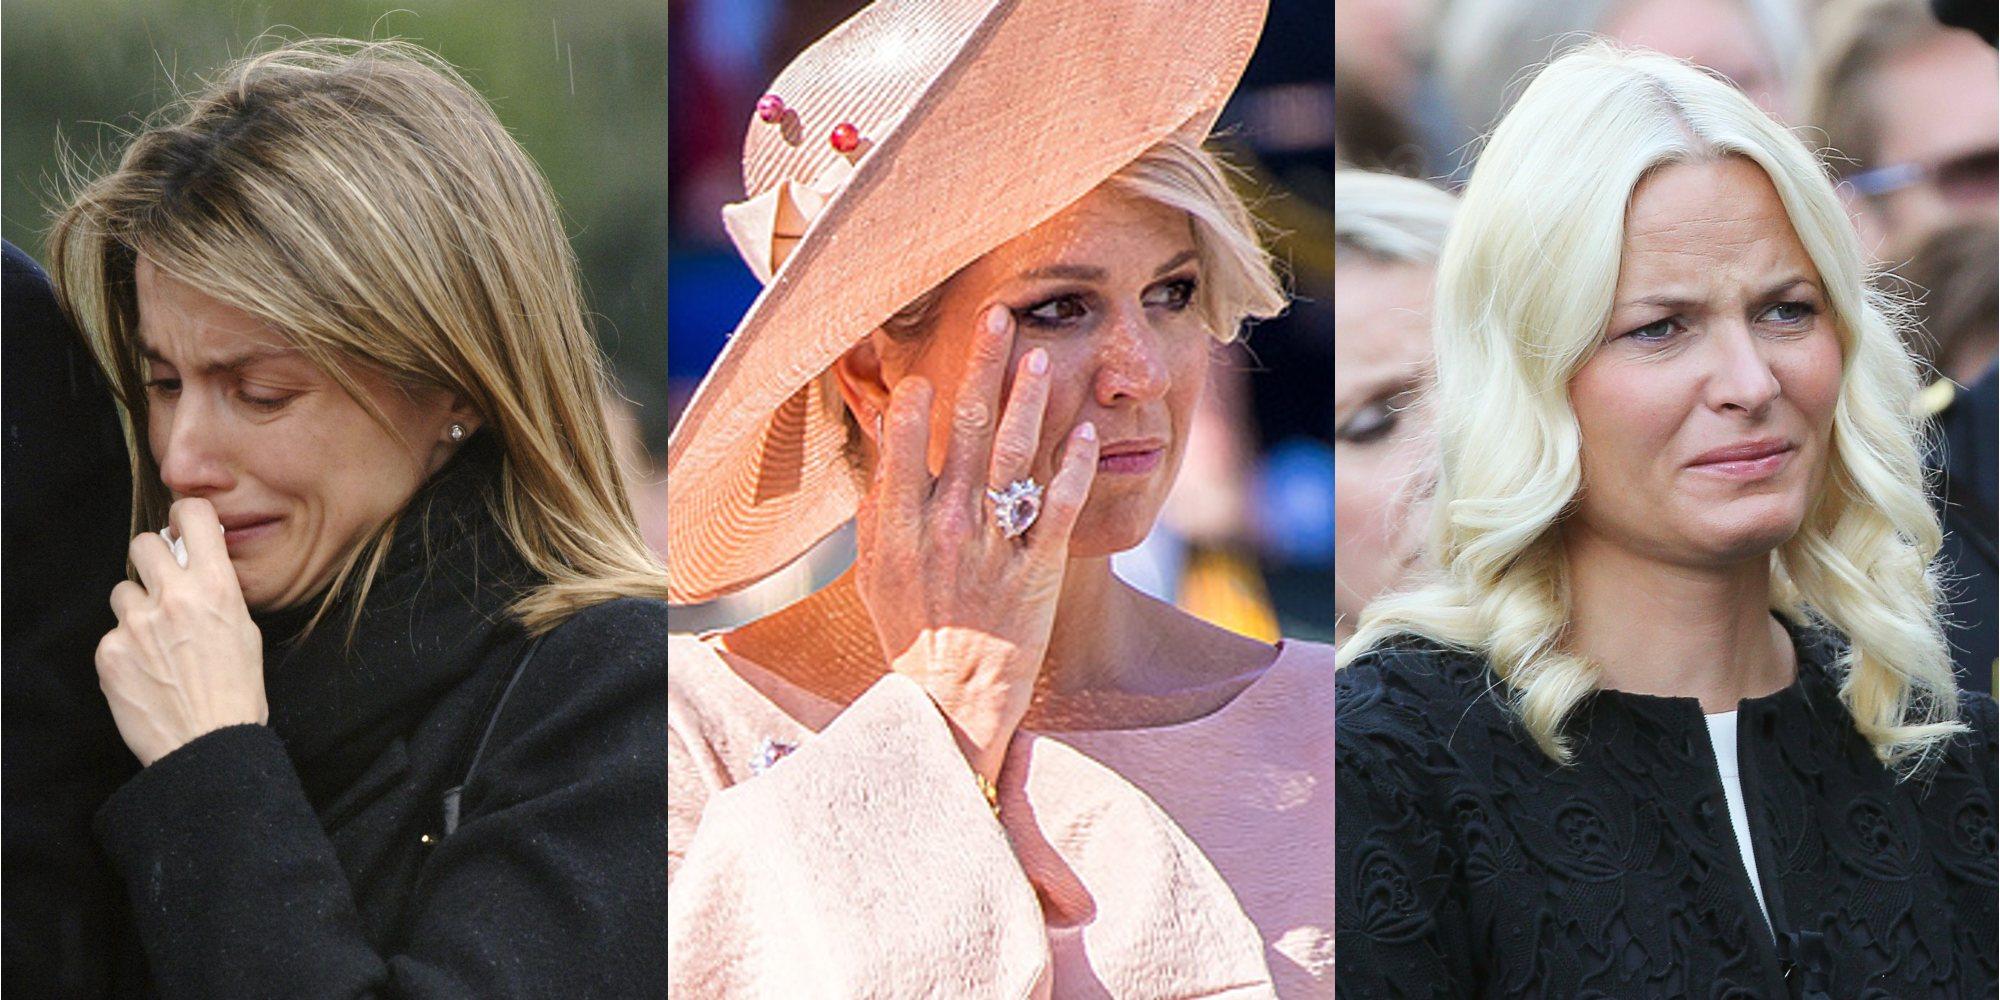 La realeza también llora: la Reina Letizia, Máxima de Holanda, Mette-Marit de Noruega y otros lo demuestran